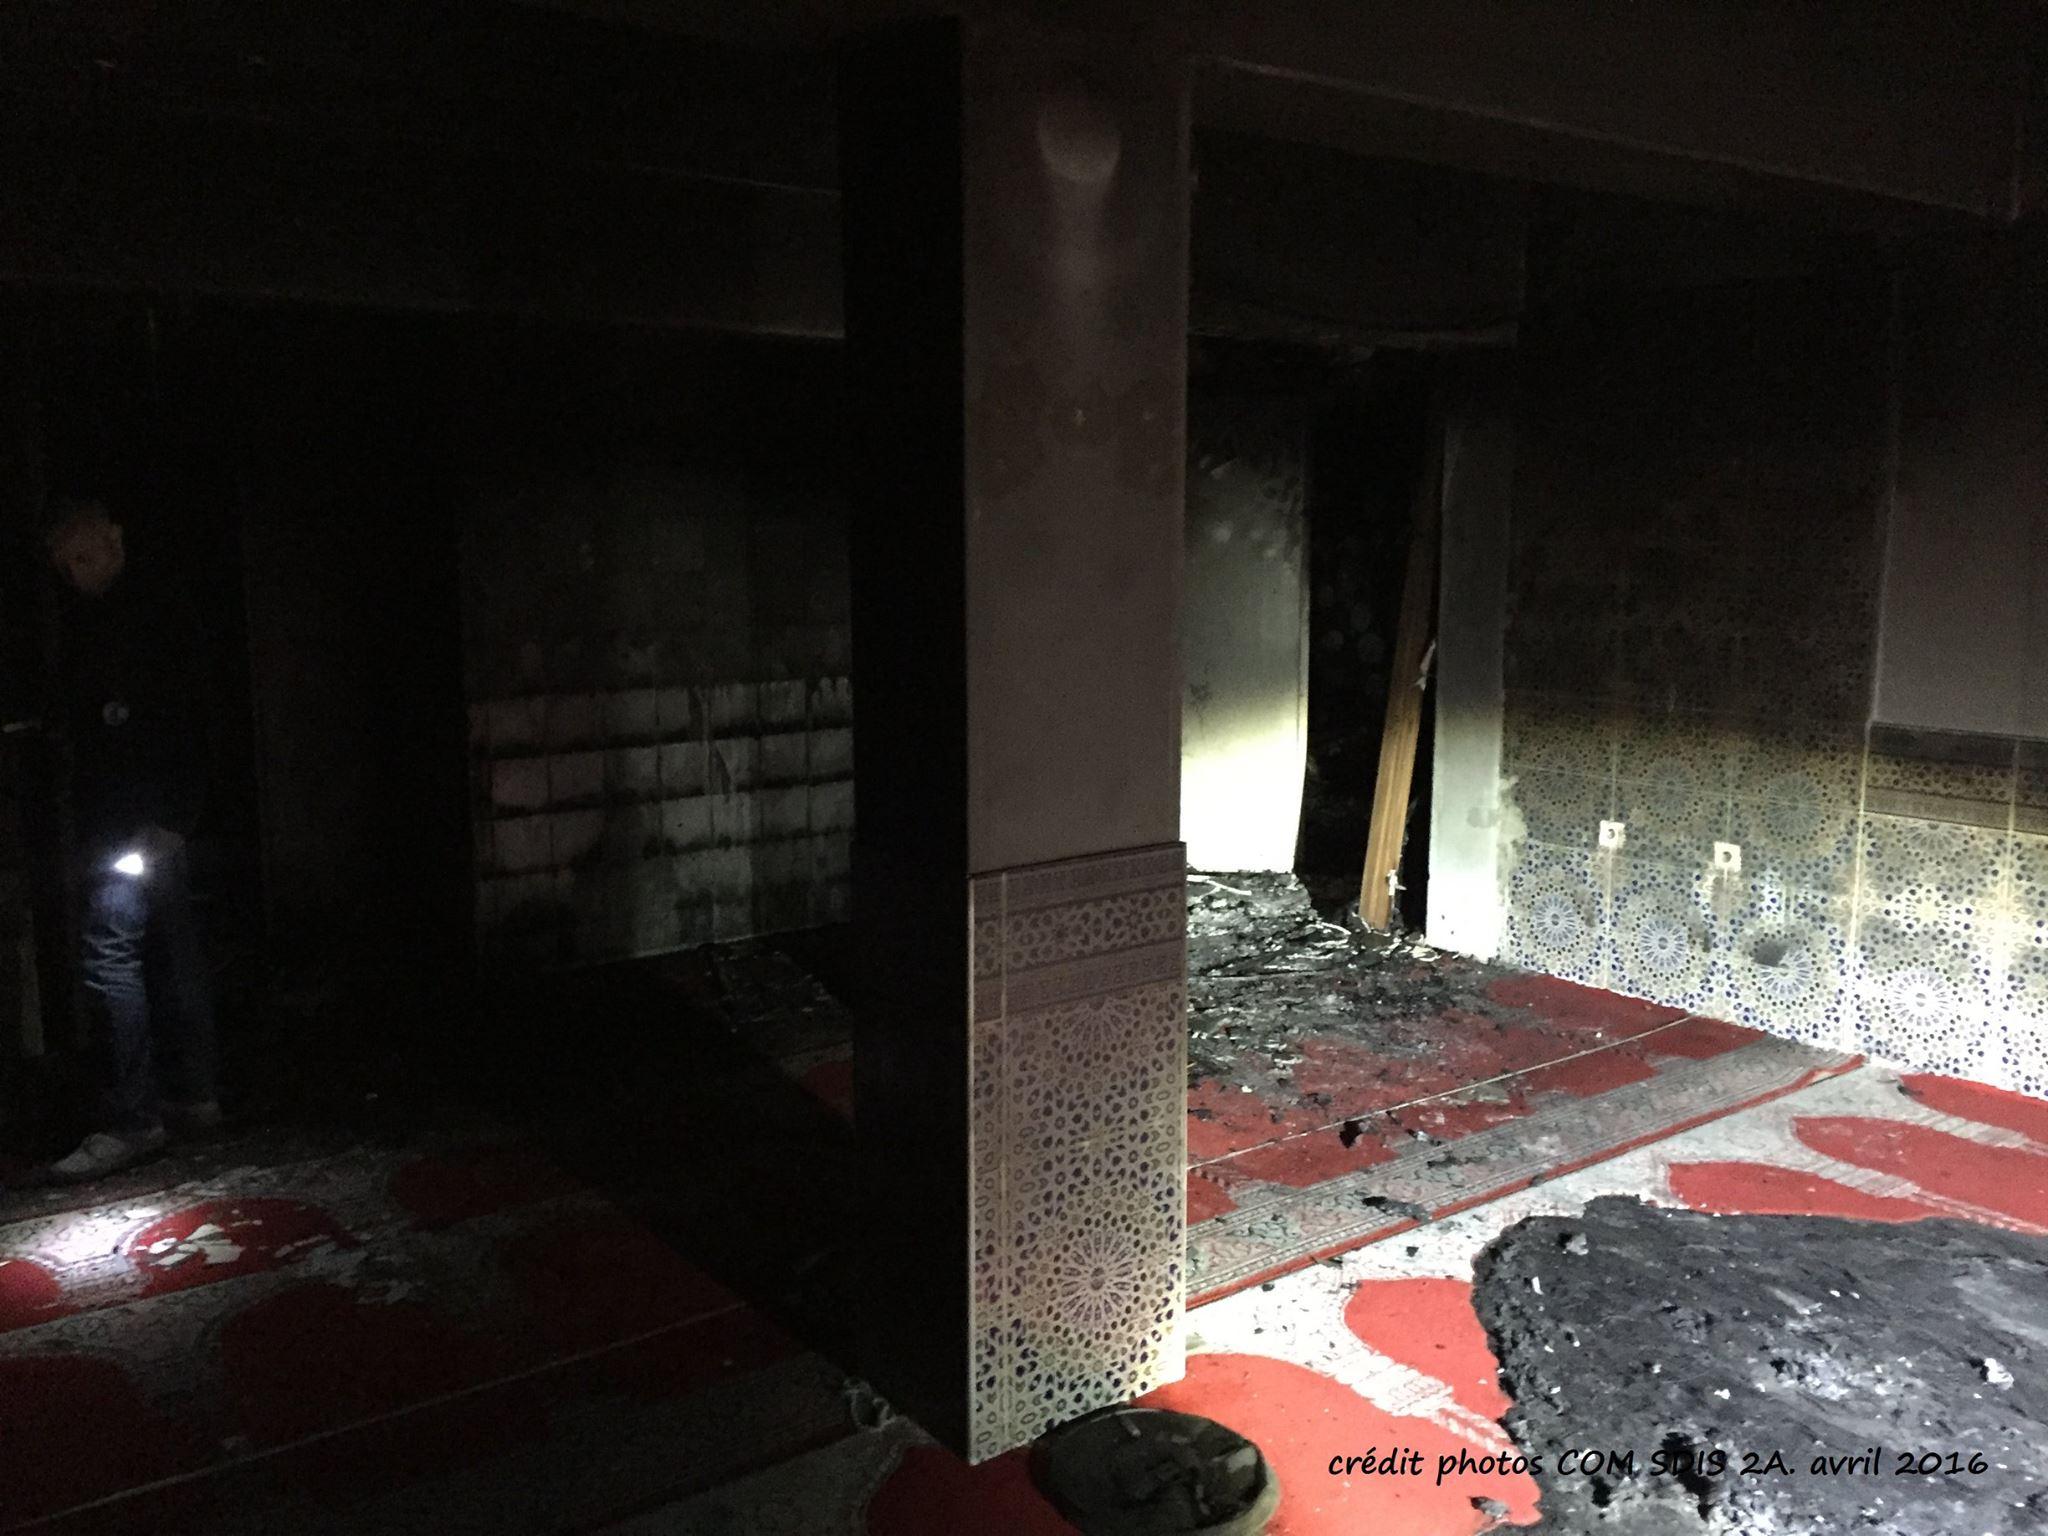 La salle de prière musulmane de Mezzavia détruite par un incendie